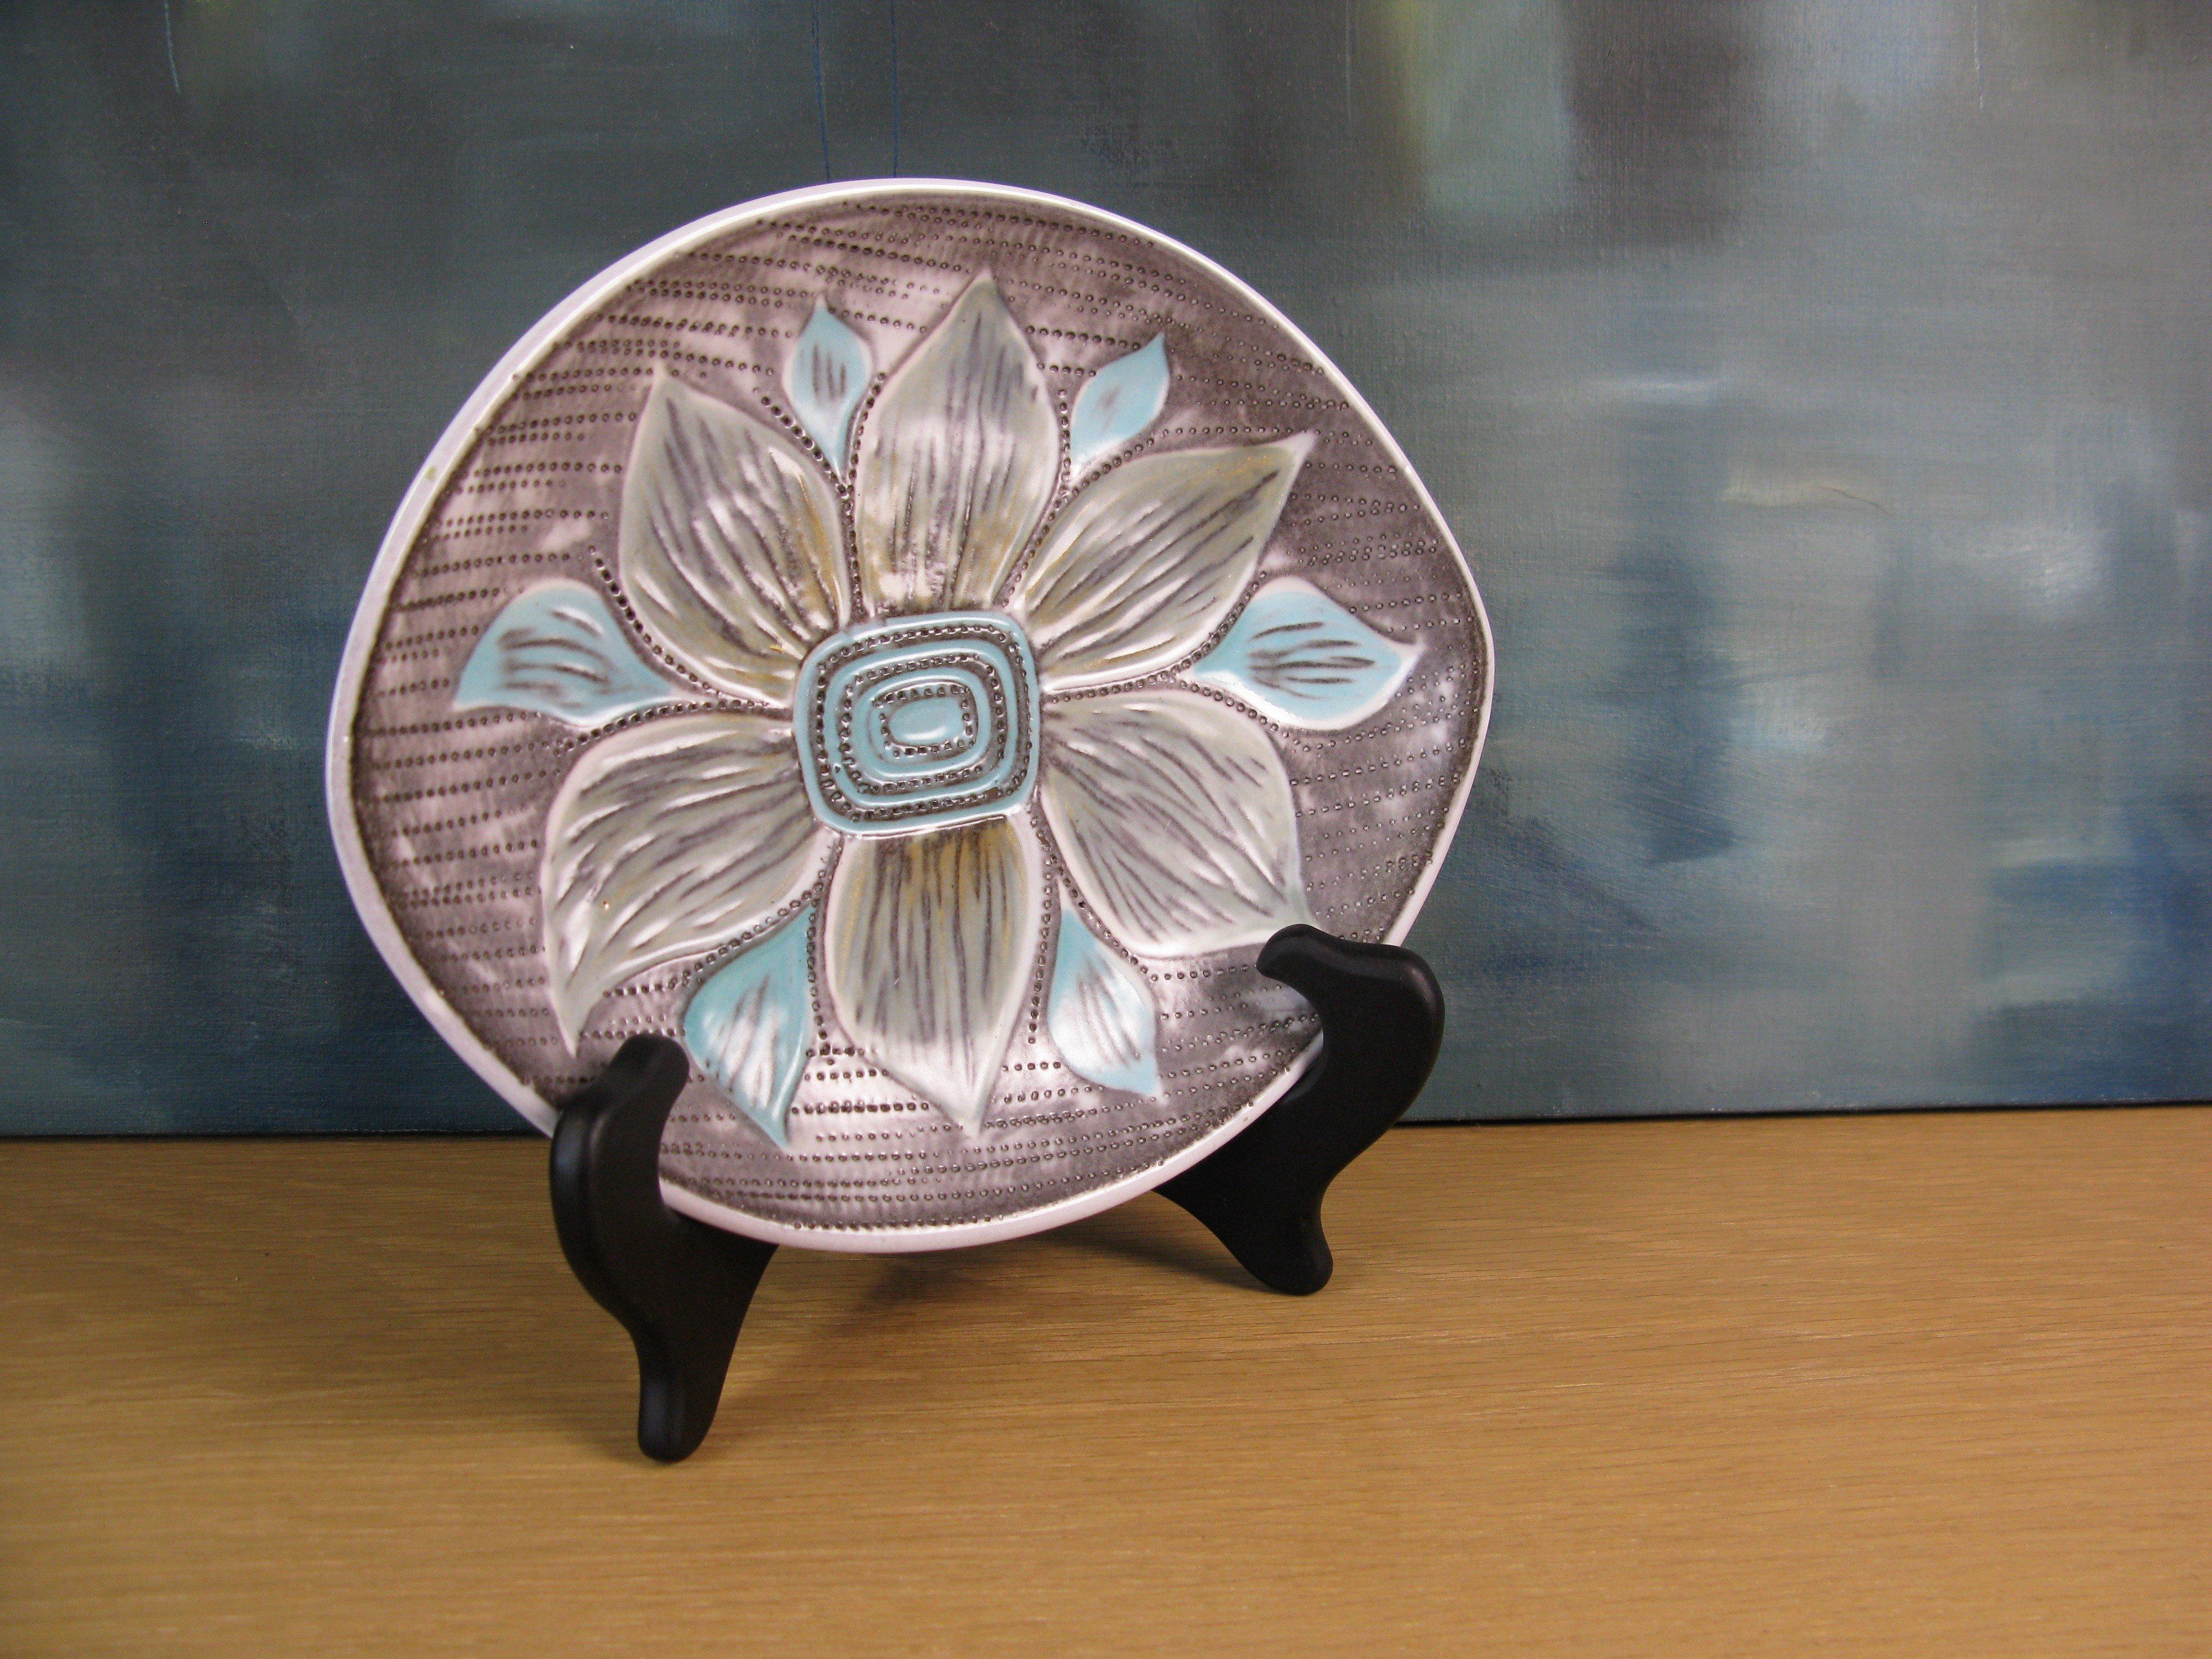 solblomma plate 4457